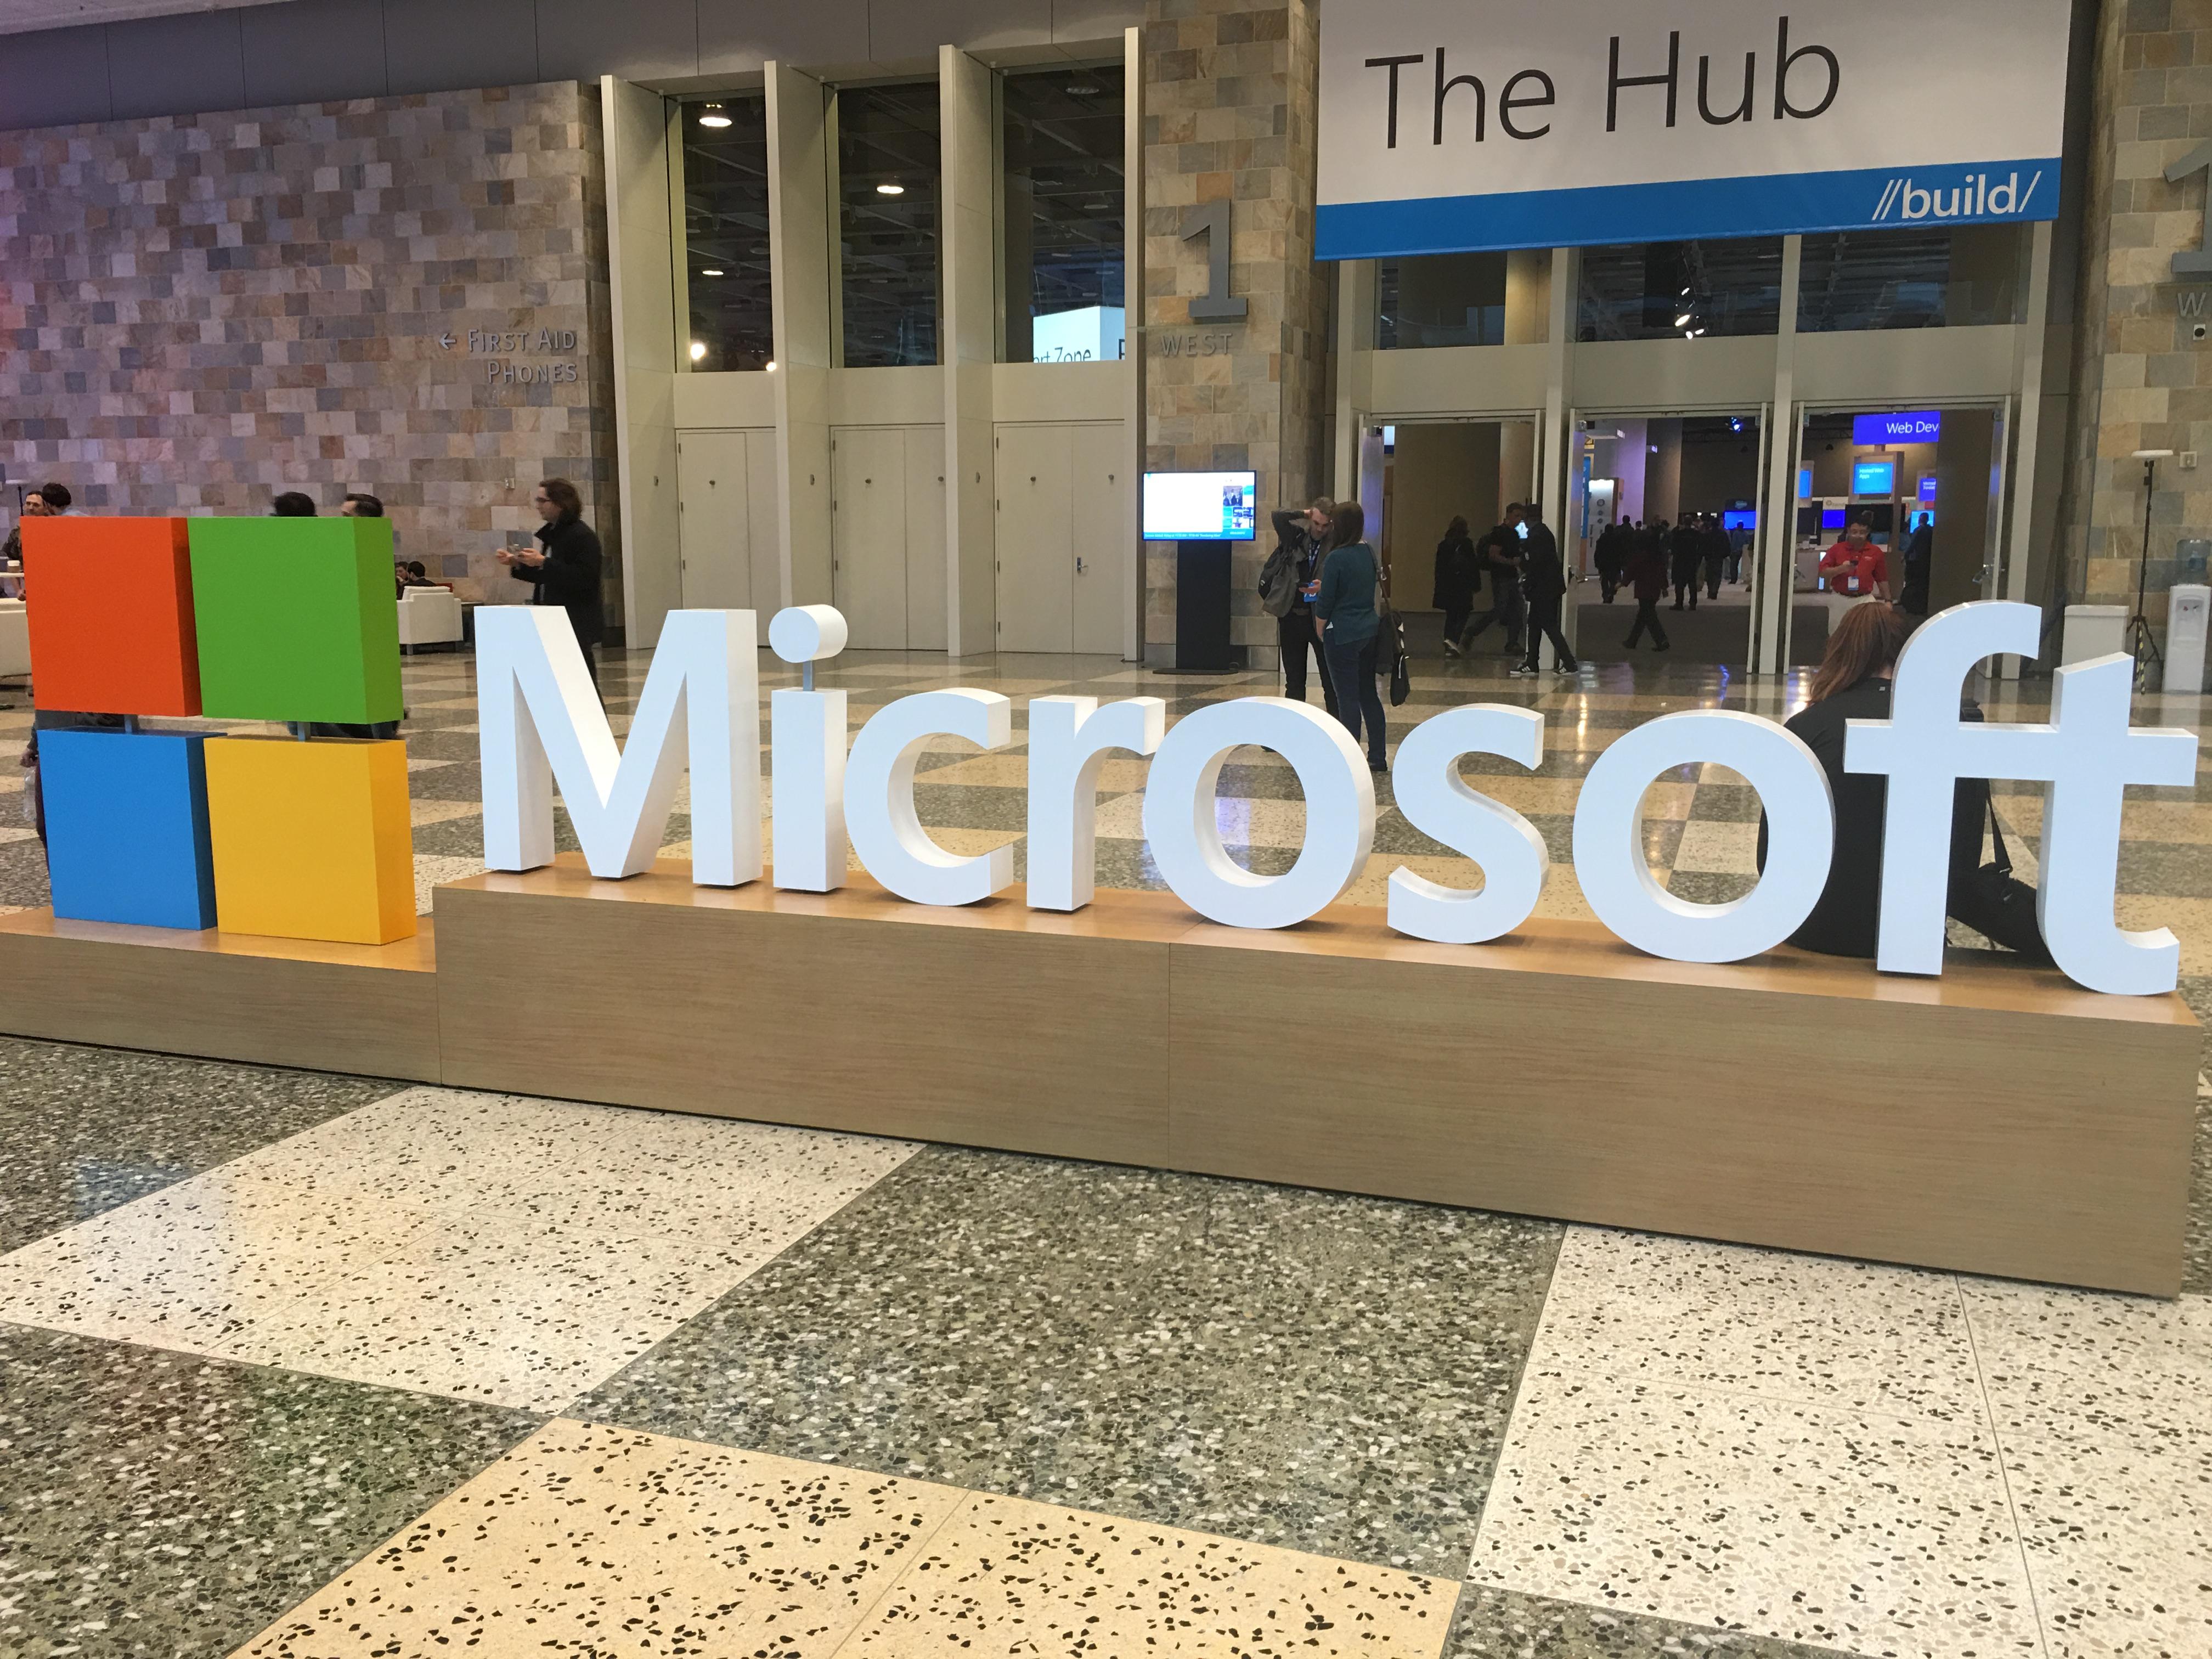 Microsoft etterforskes for bestikkelser - skal ha solgt Word via mellommenn.